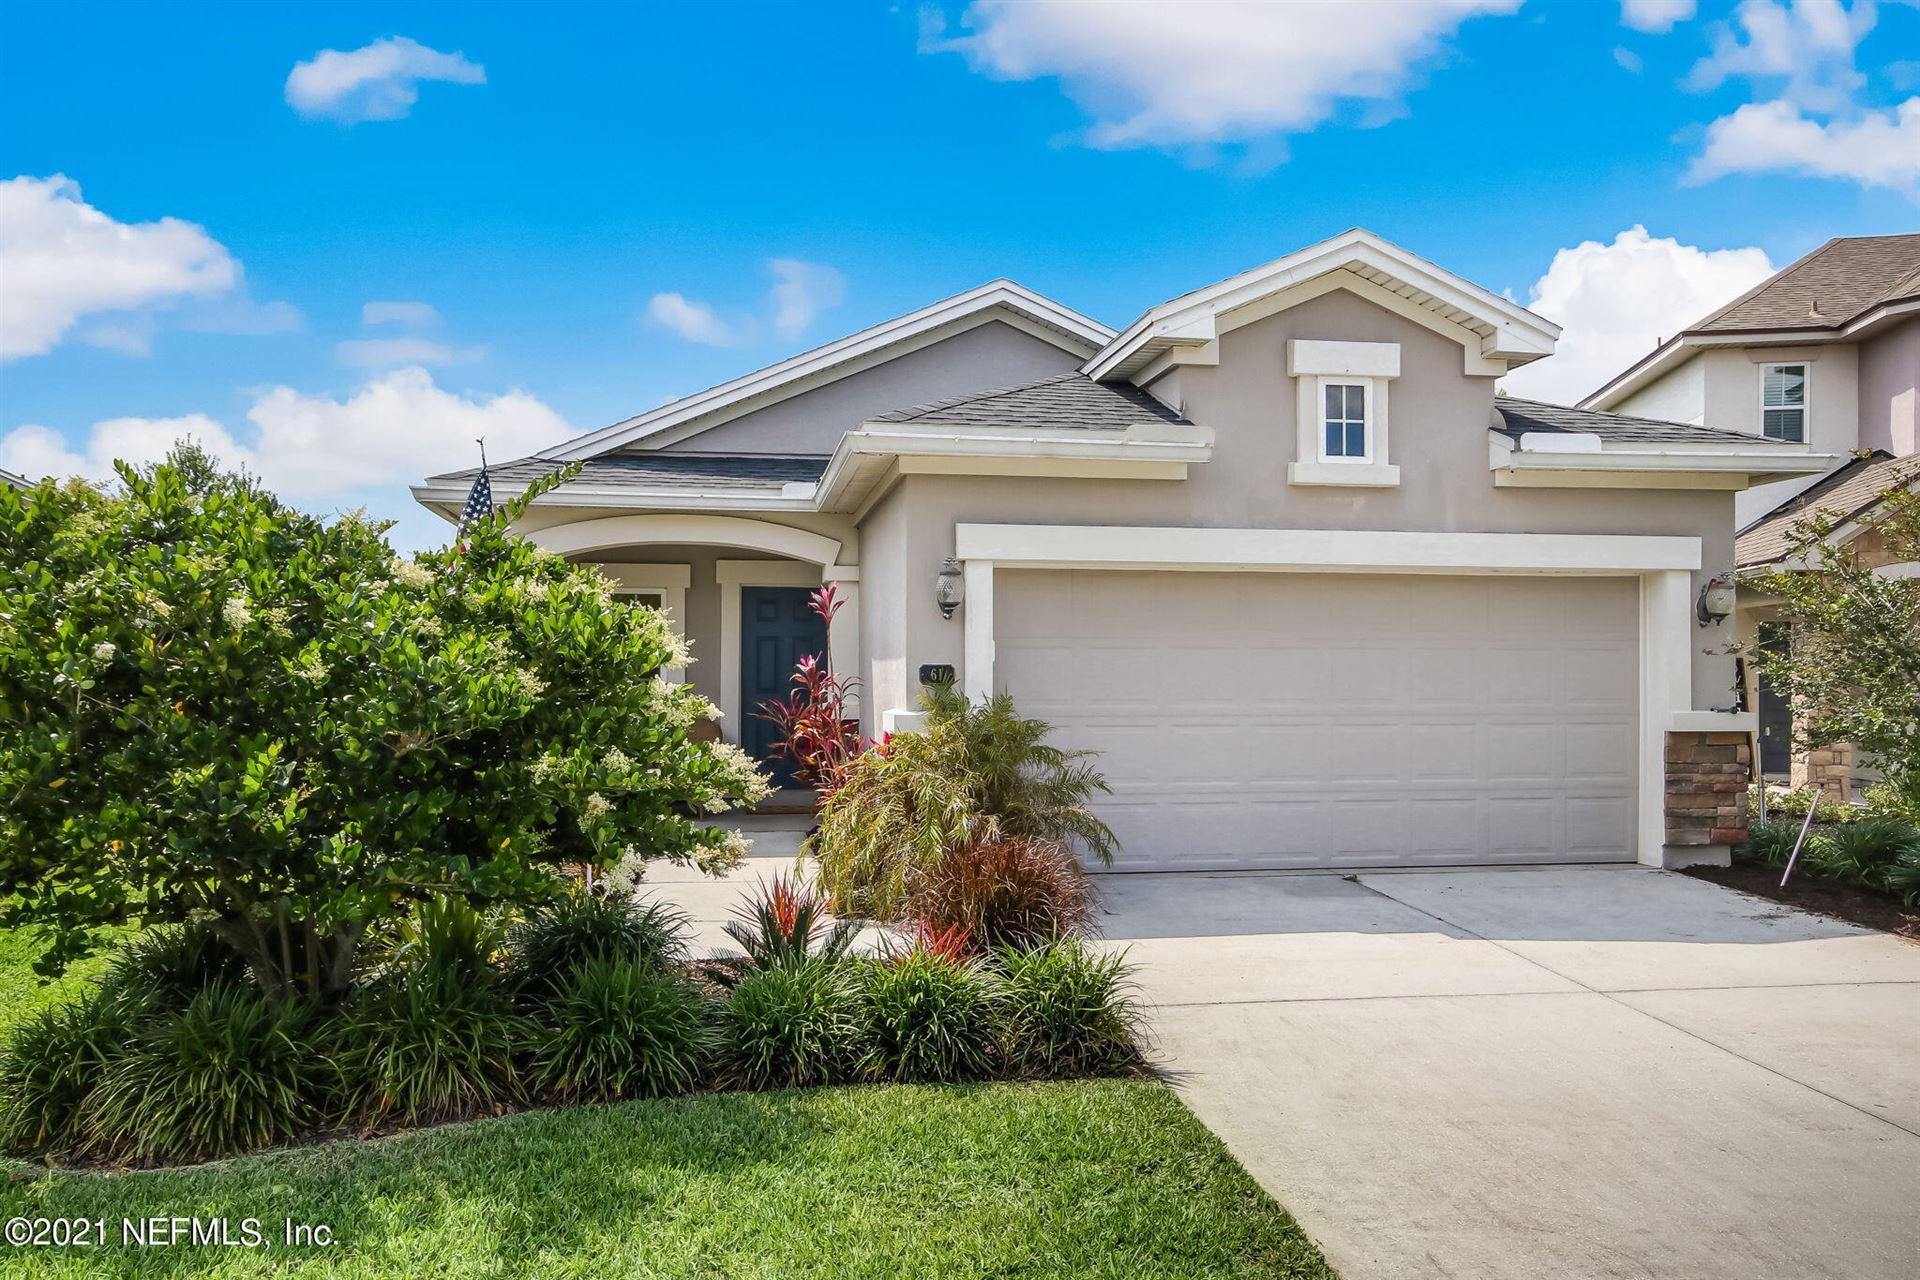 61 SKYLAR LN, Ponte Vedra, FL 32081 - MLS#: 1108326